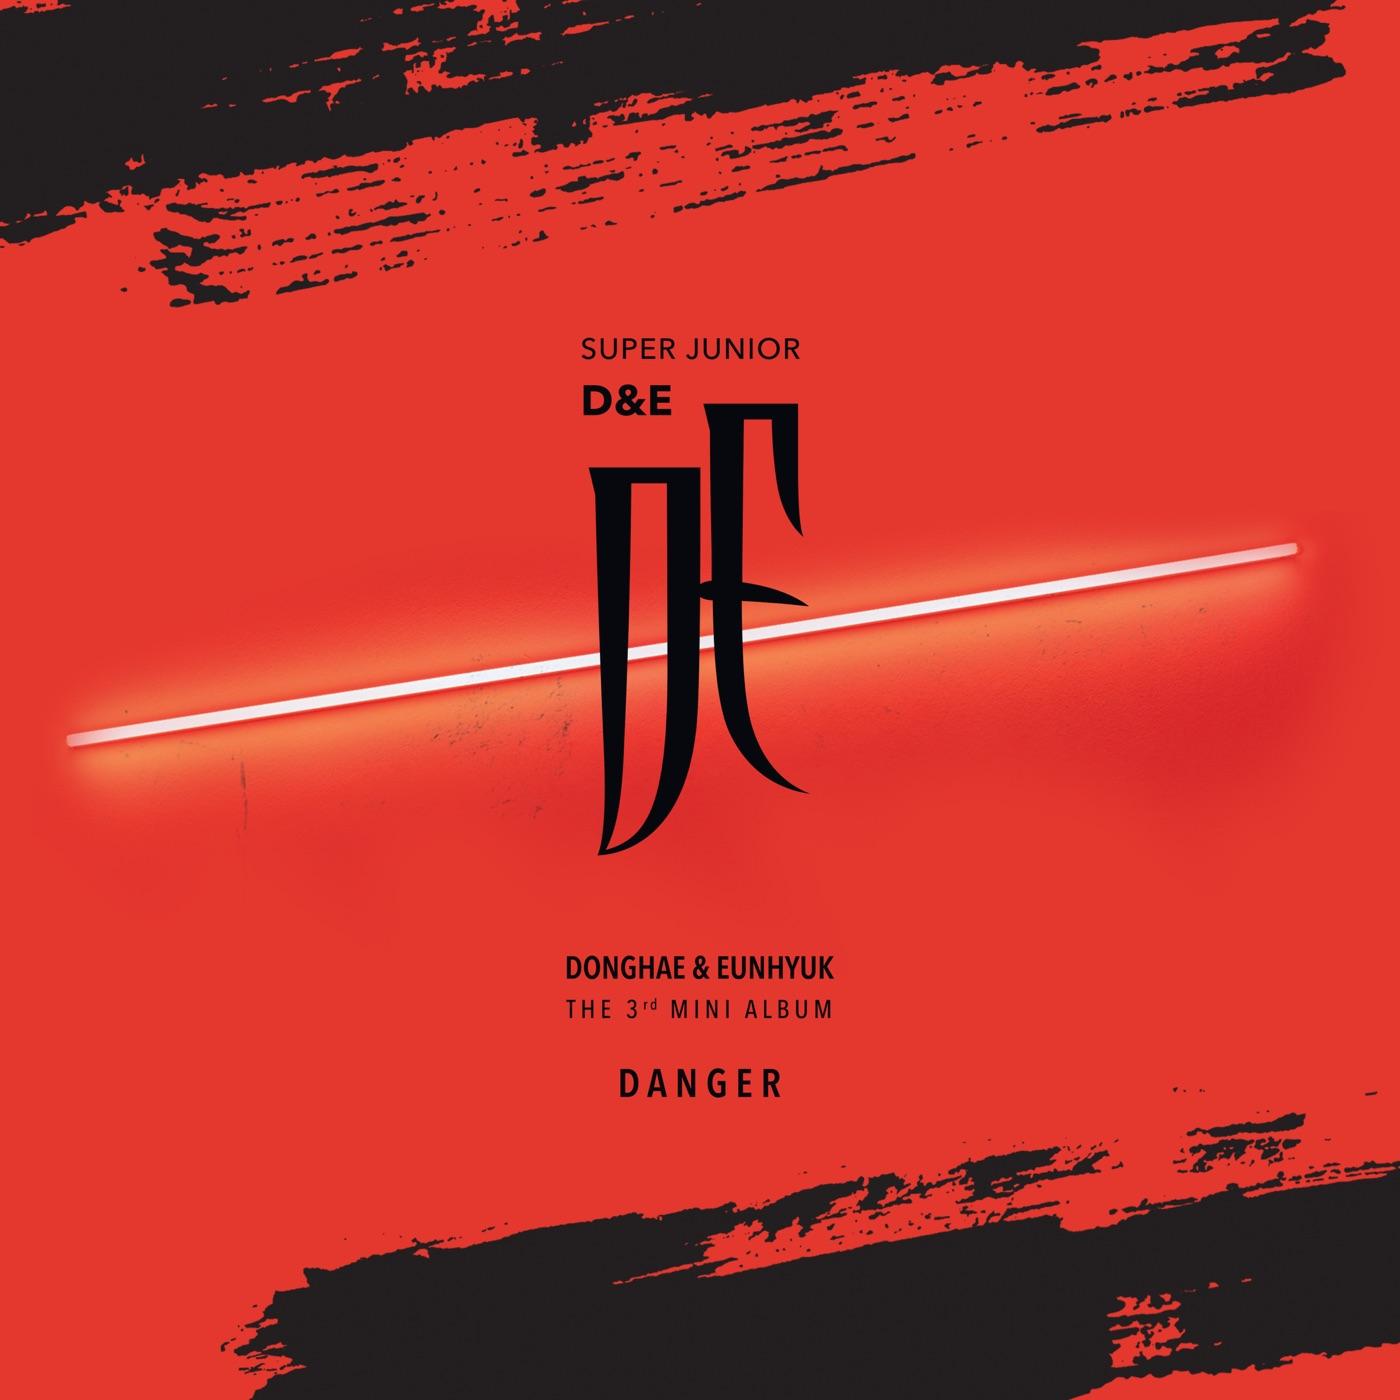 Danger (Super Junior-D&E)